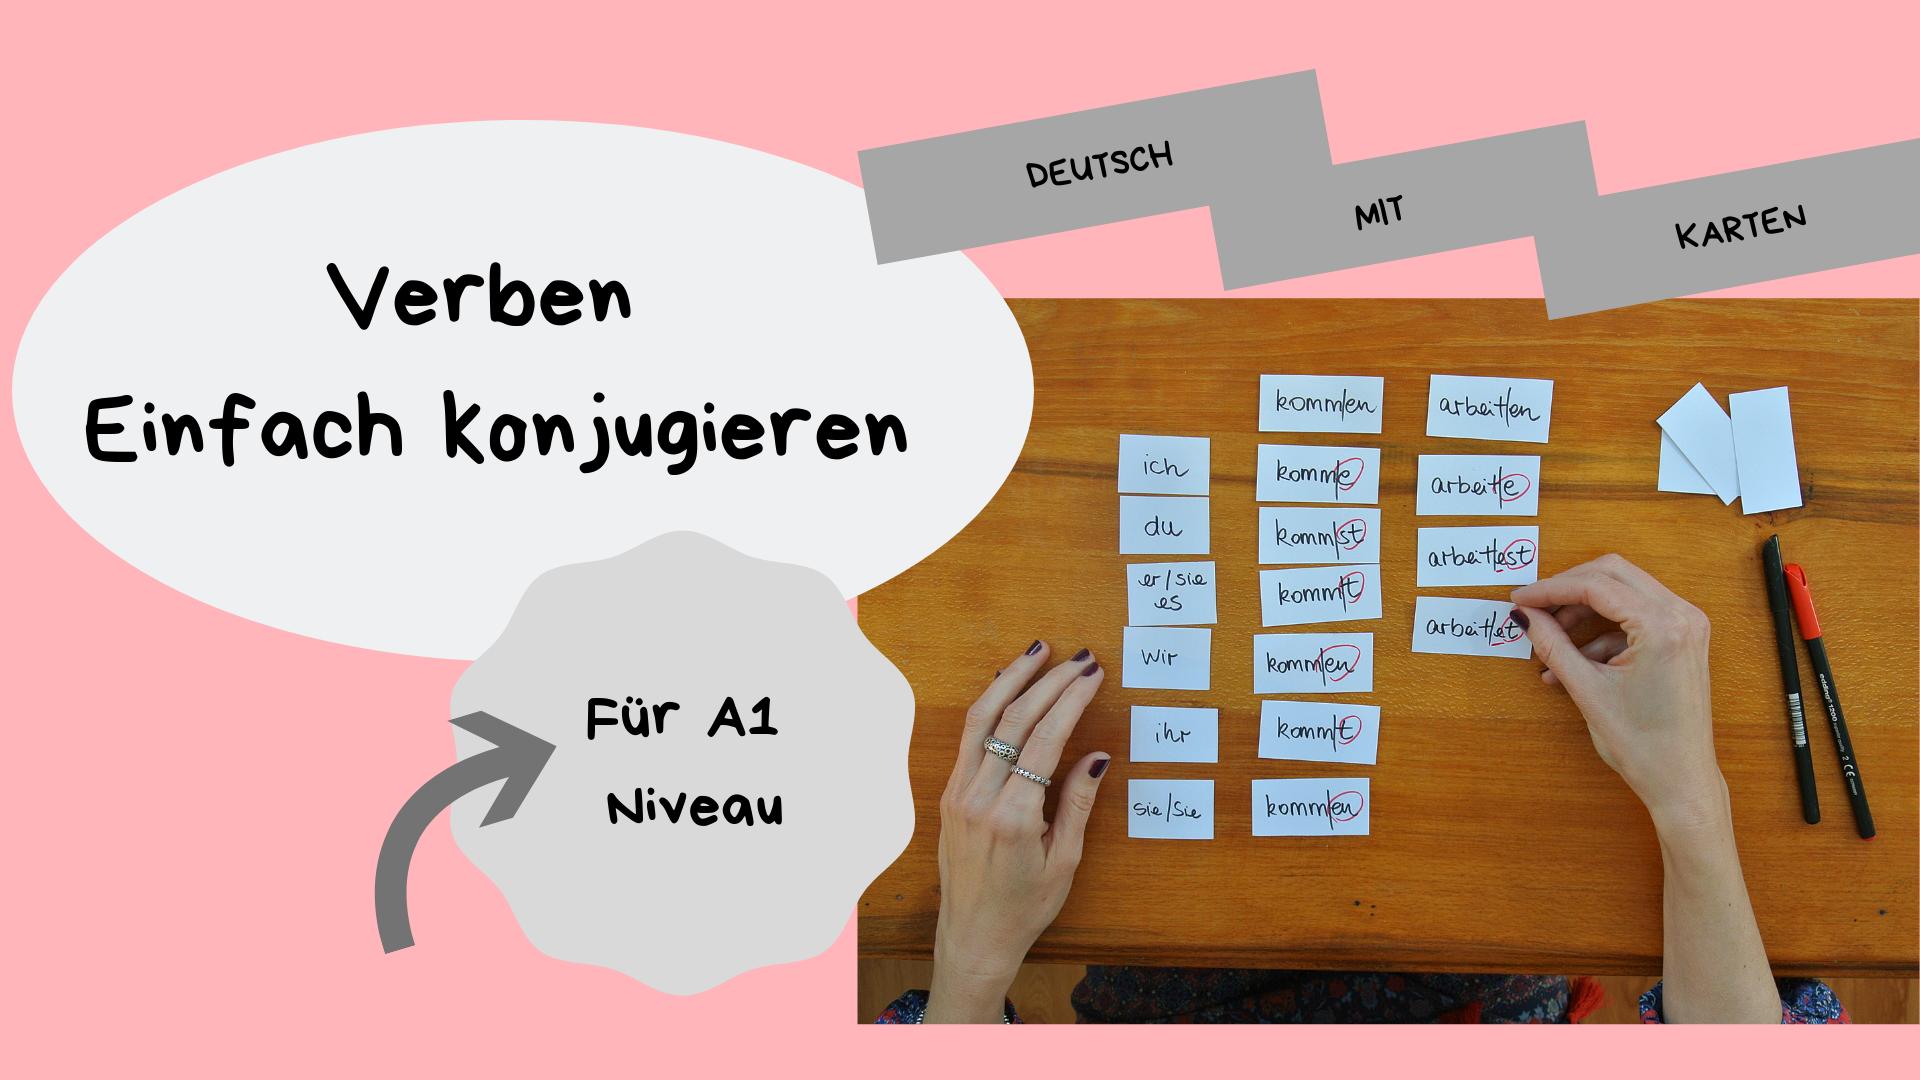 verben konjugieren deutsch